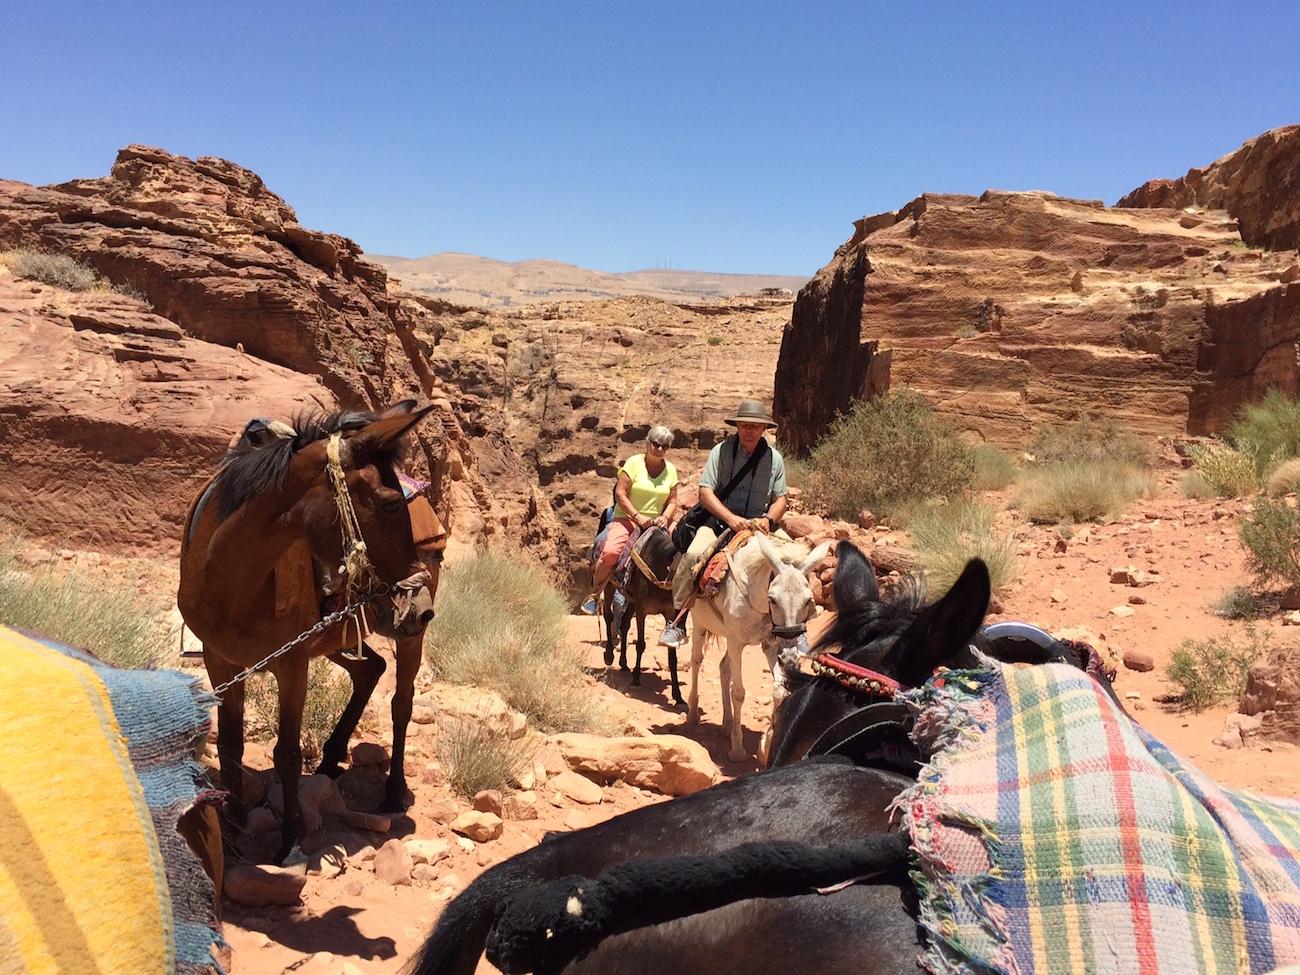 Student Jordan On Donkey 3